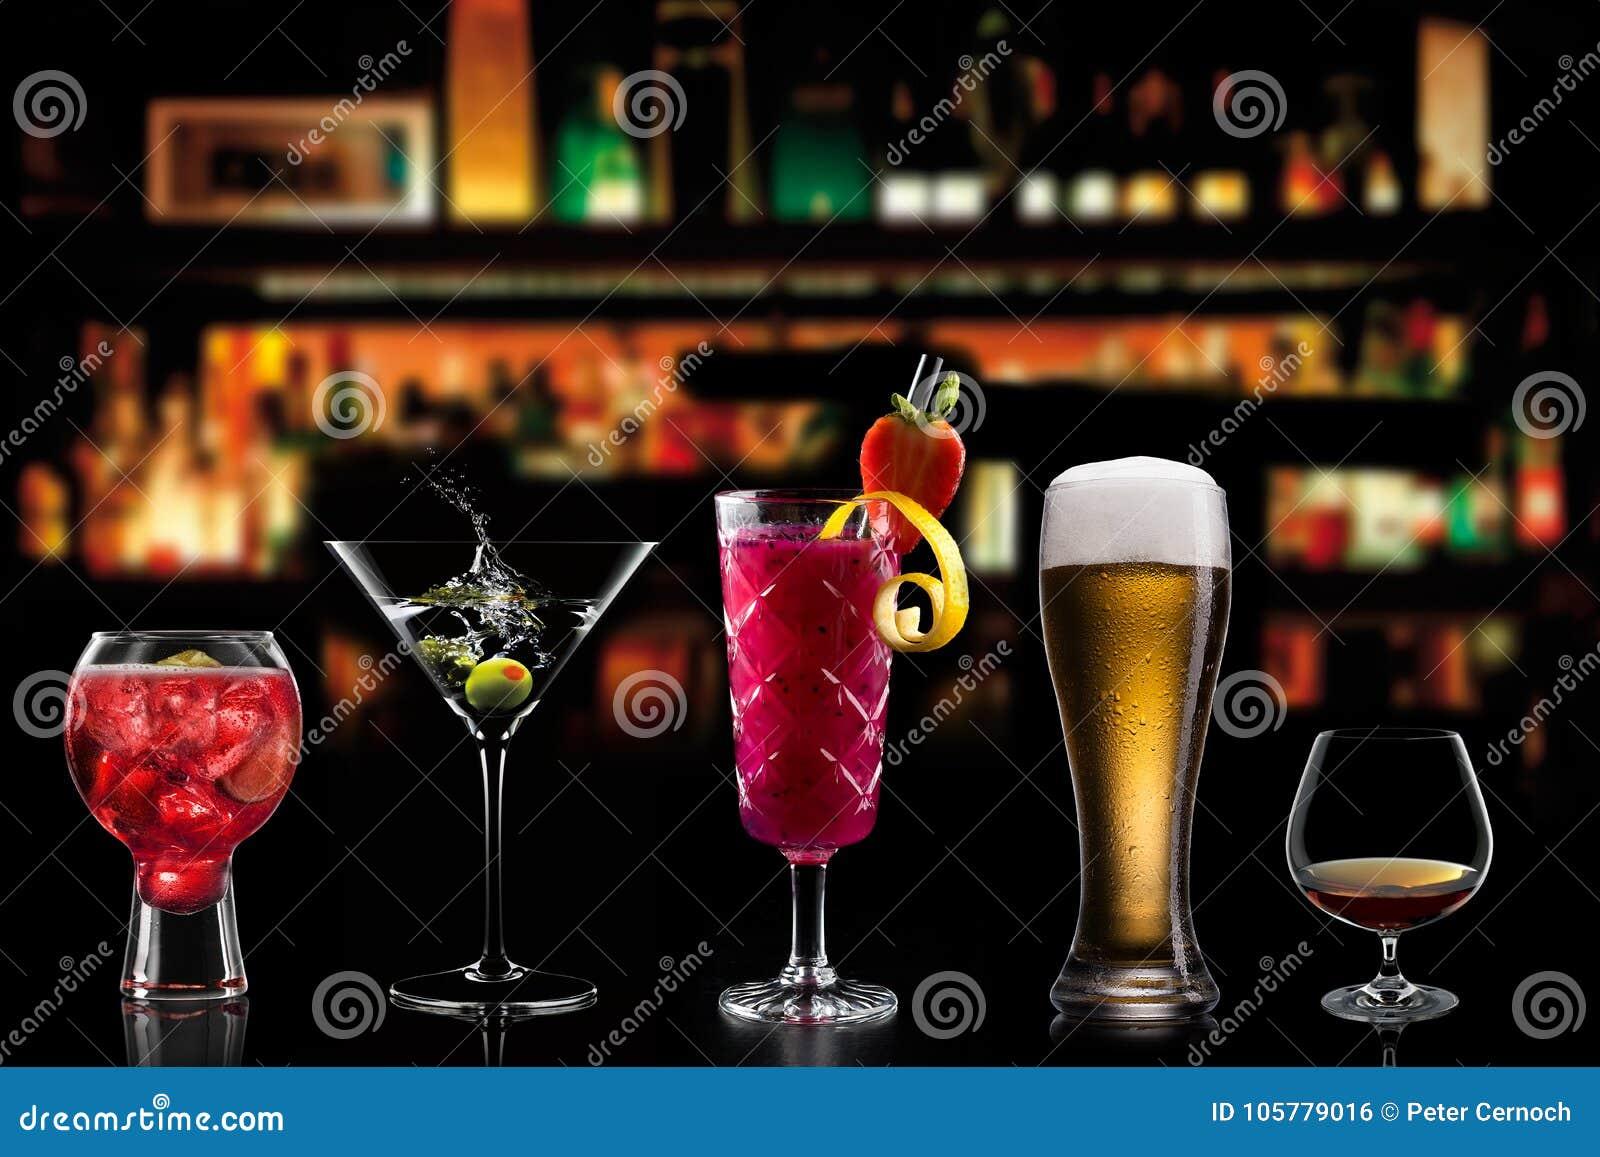 Cocktails drinks beverages background room for text